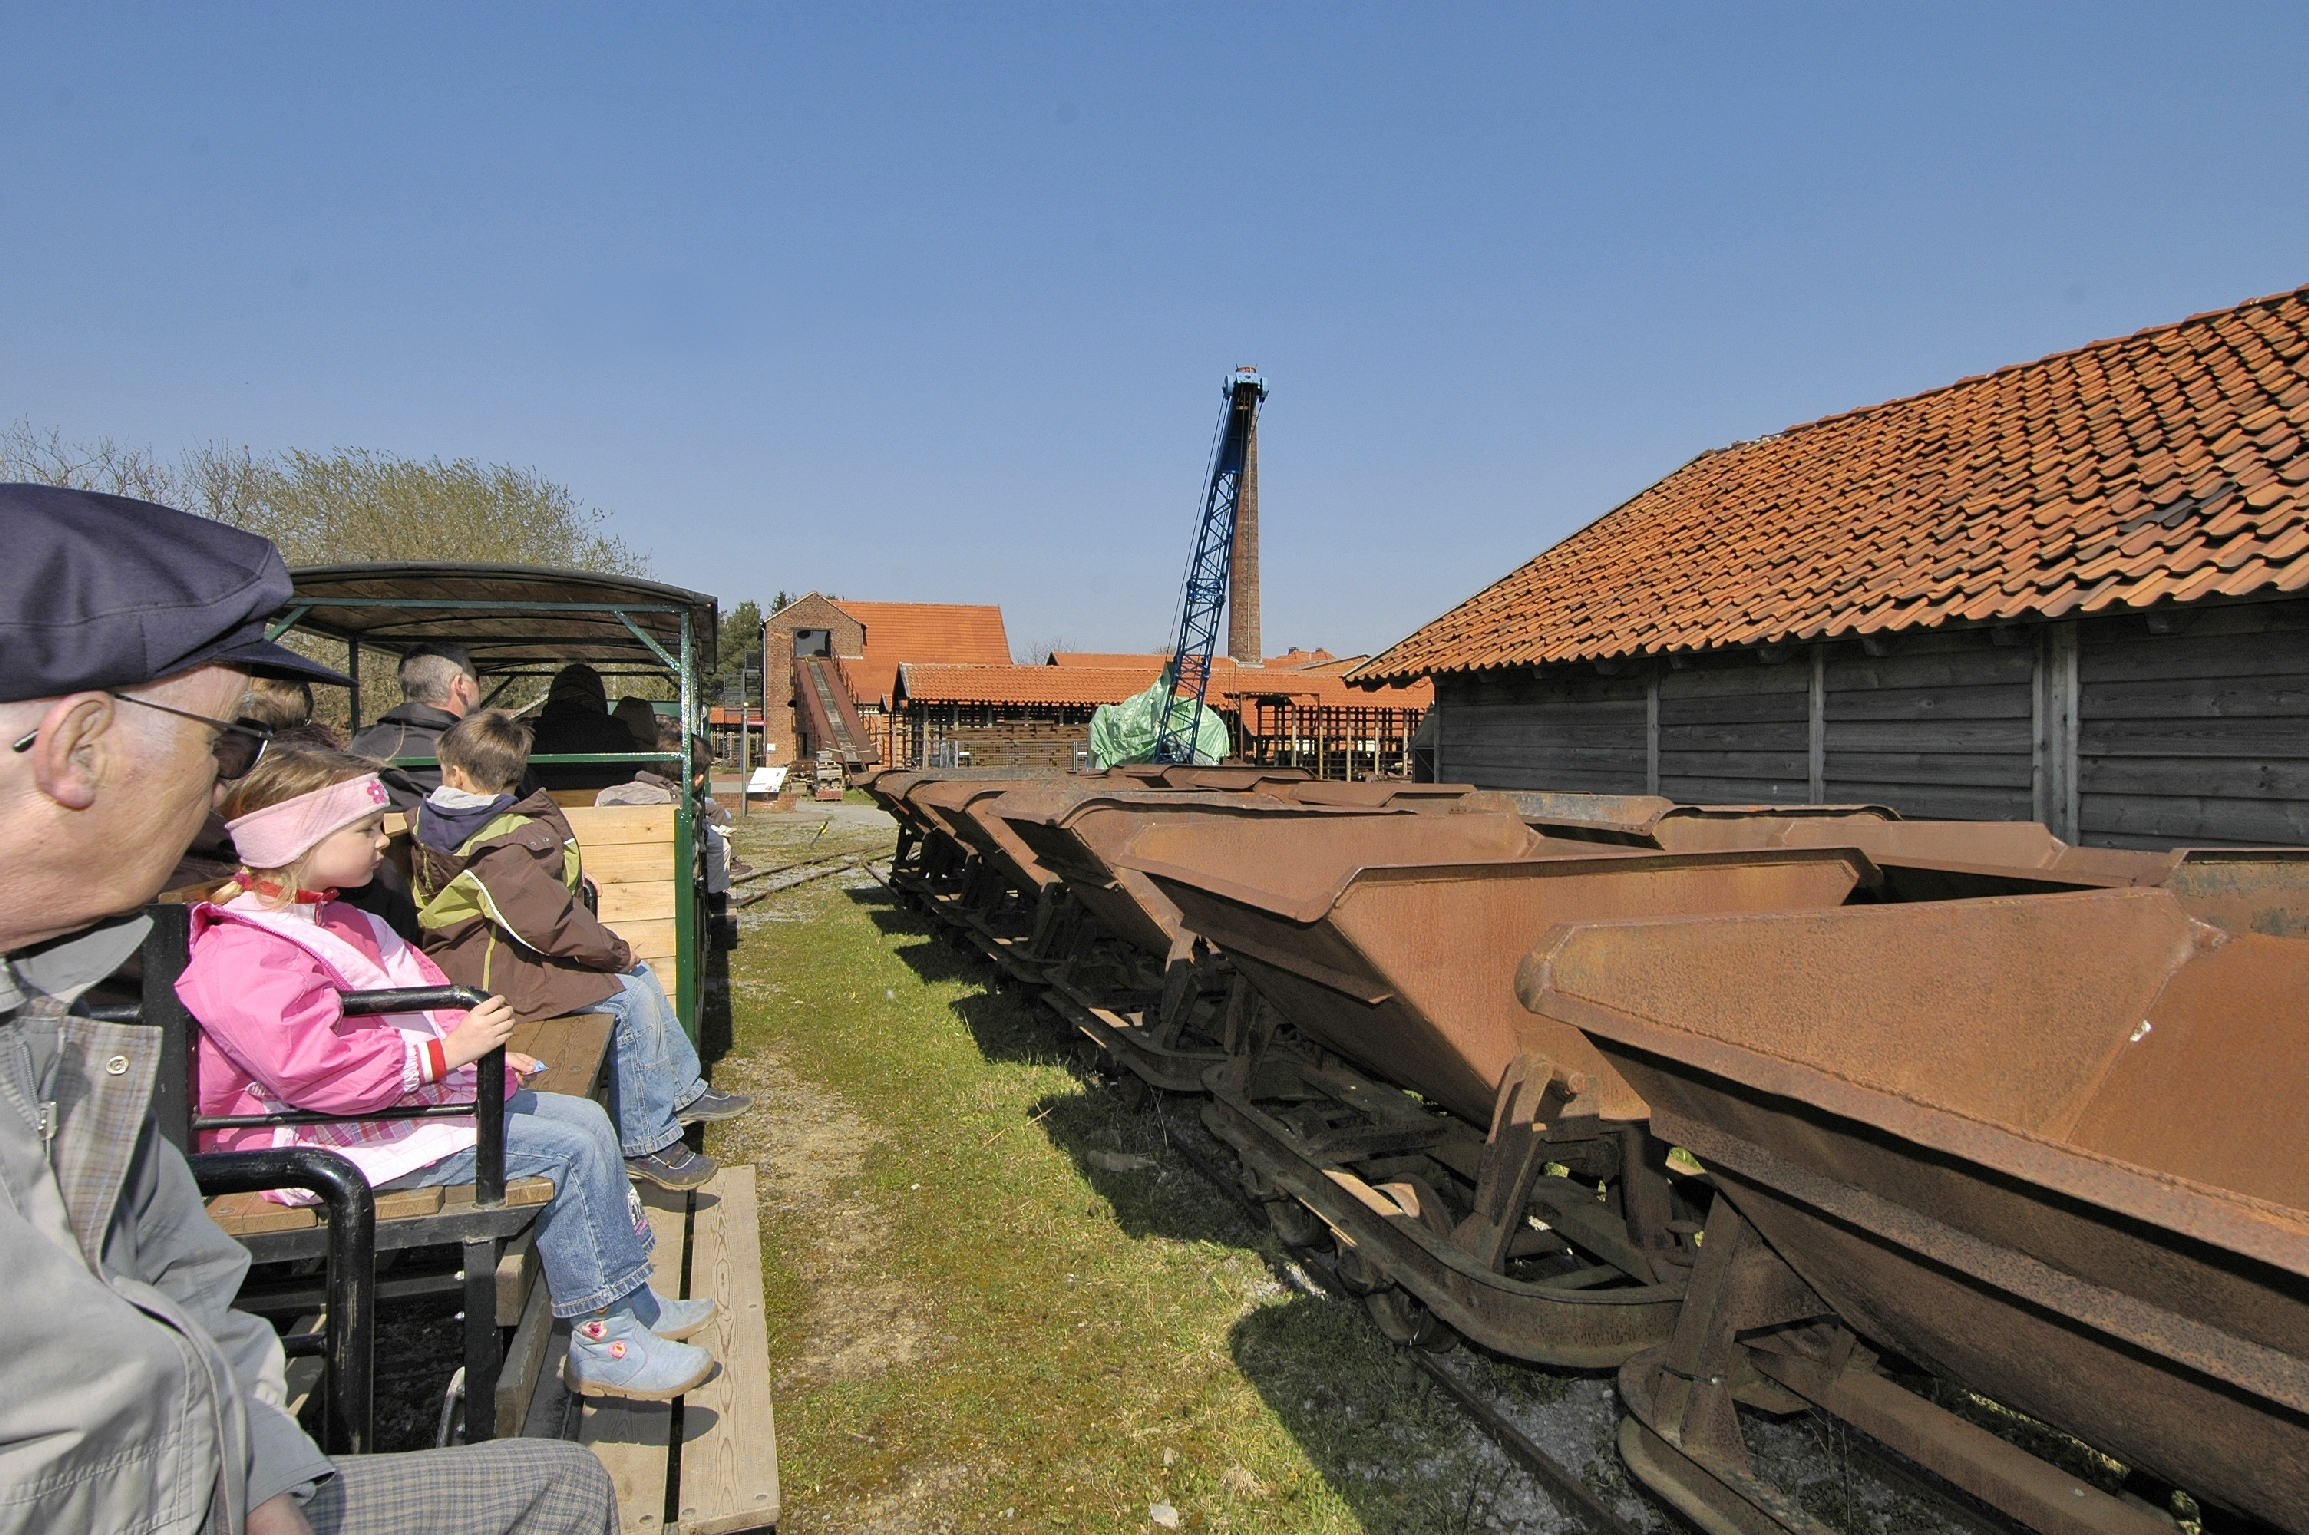 LWL-Industriemuseum Lage: Feldbahnfahrt für Besucher